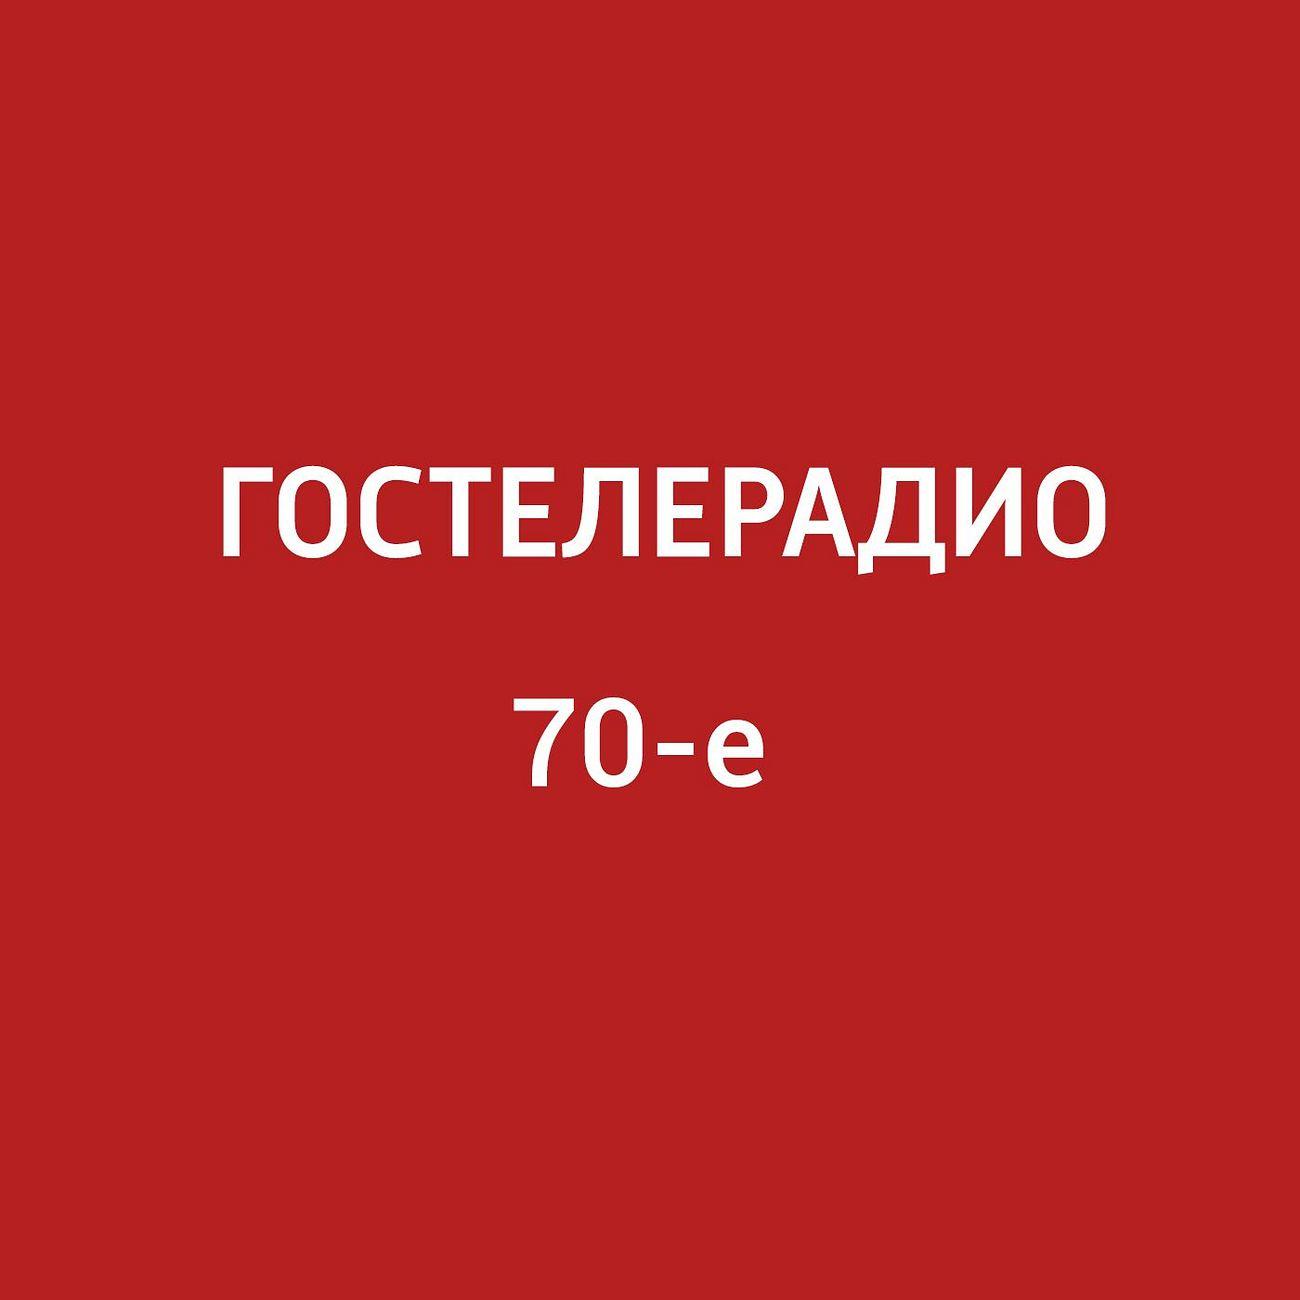 Гостелерадио 70-е